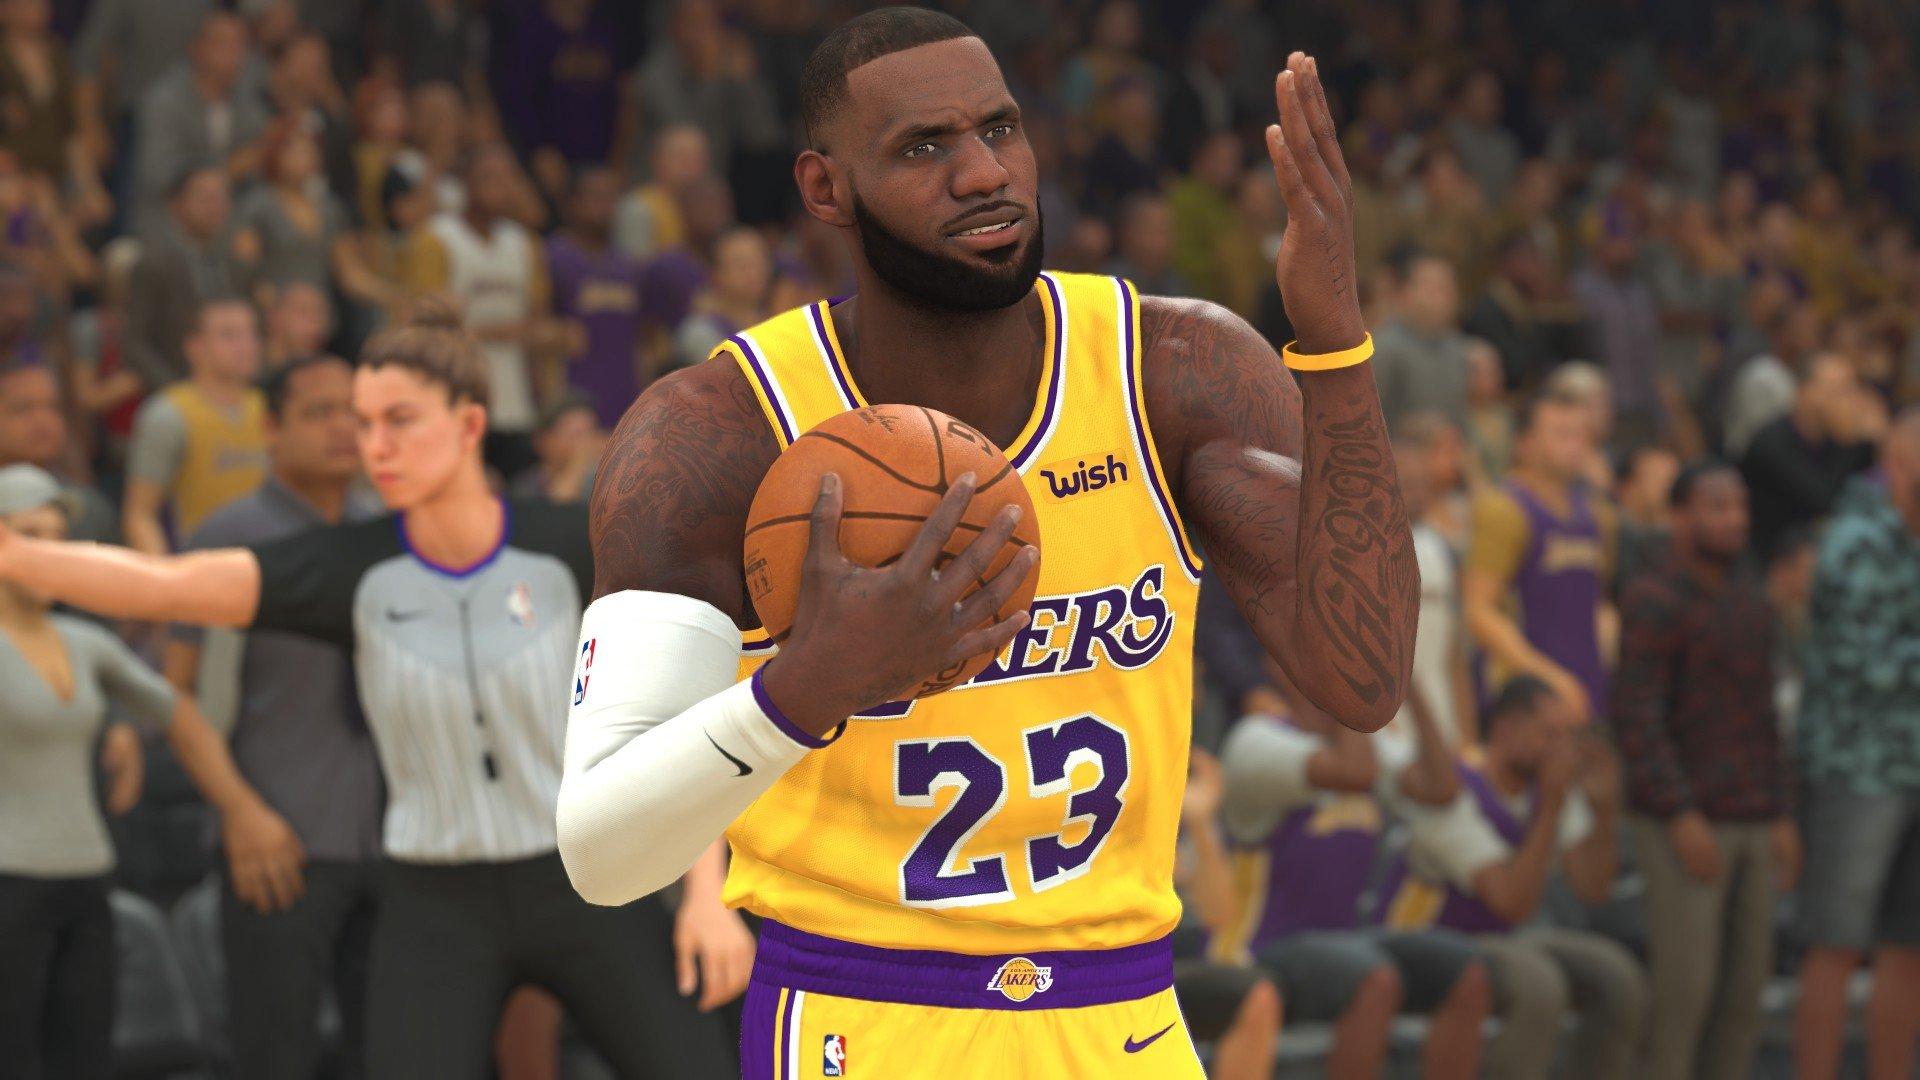 Топ8 лучших игроков в NBA 2K20